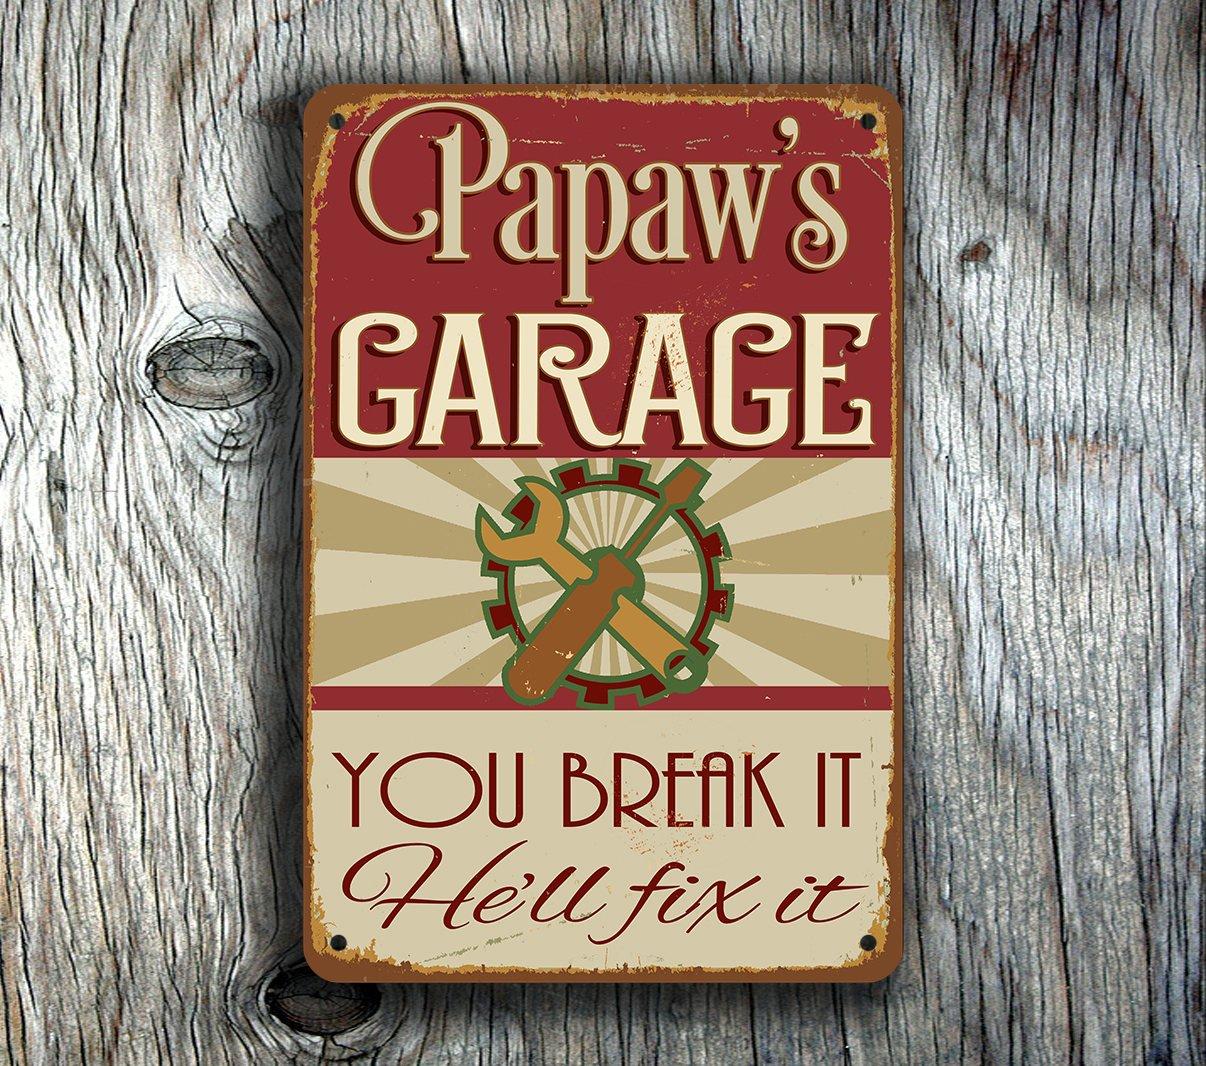 Papaws-Garage-Sign-2